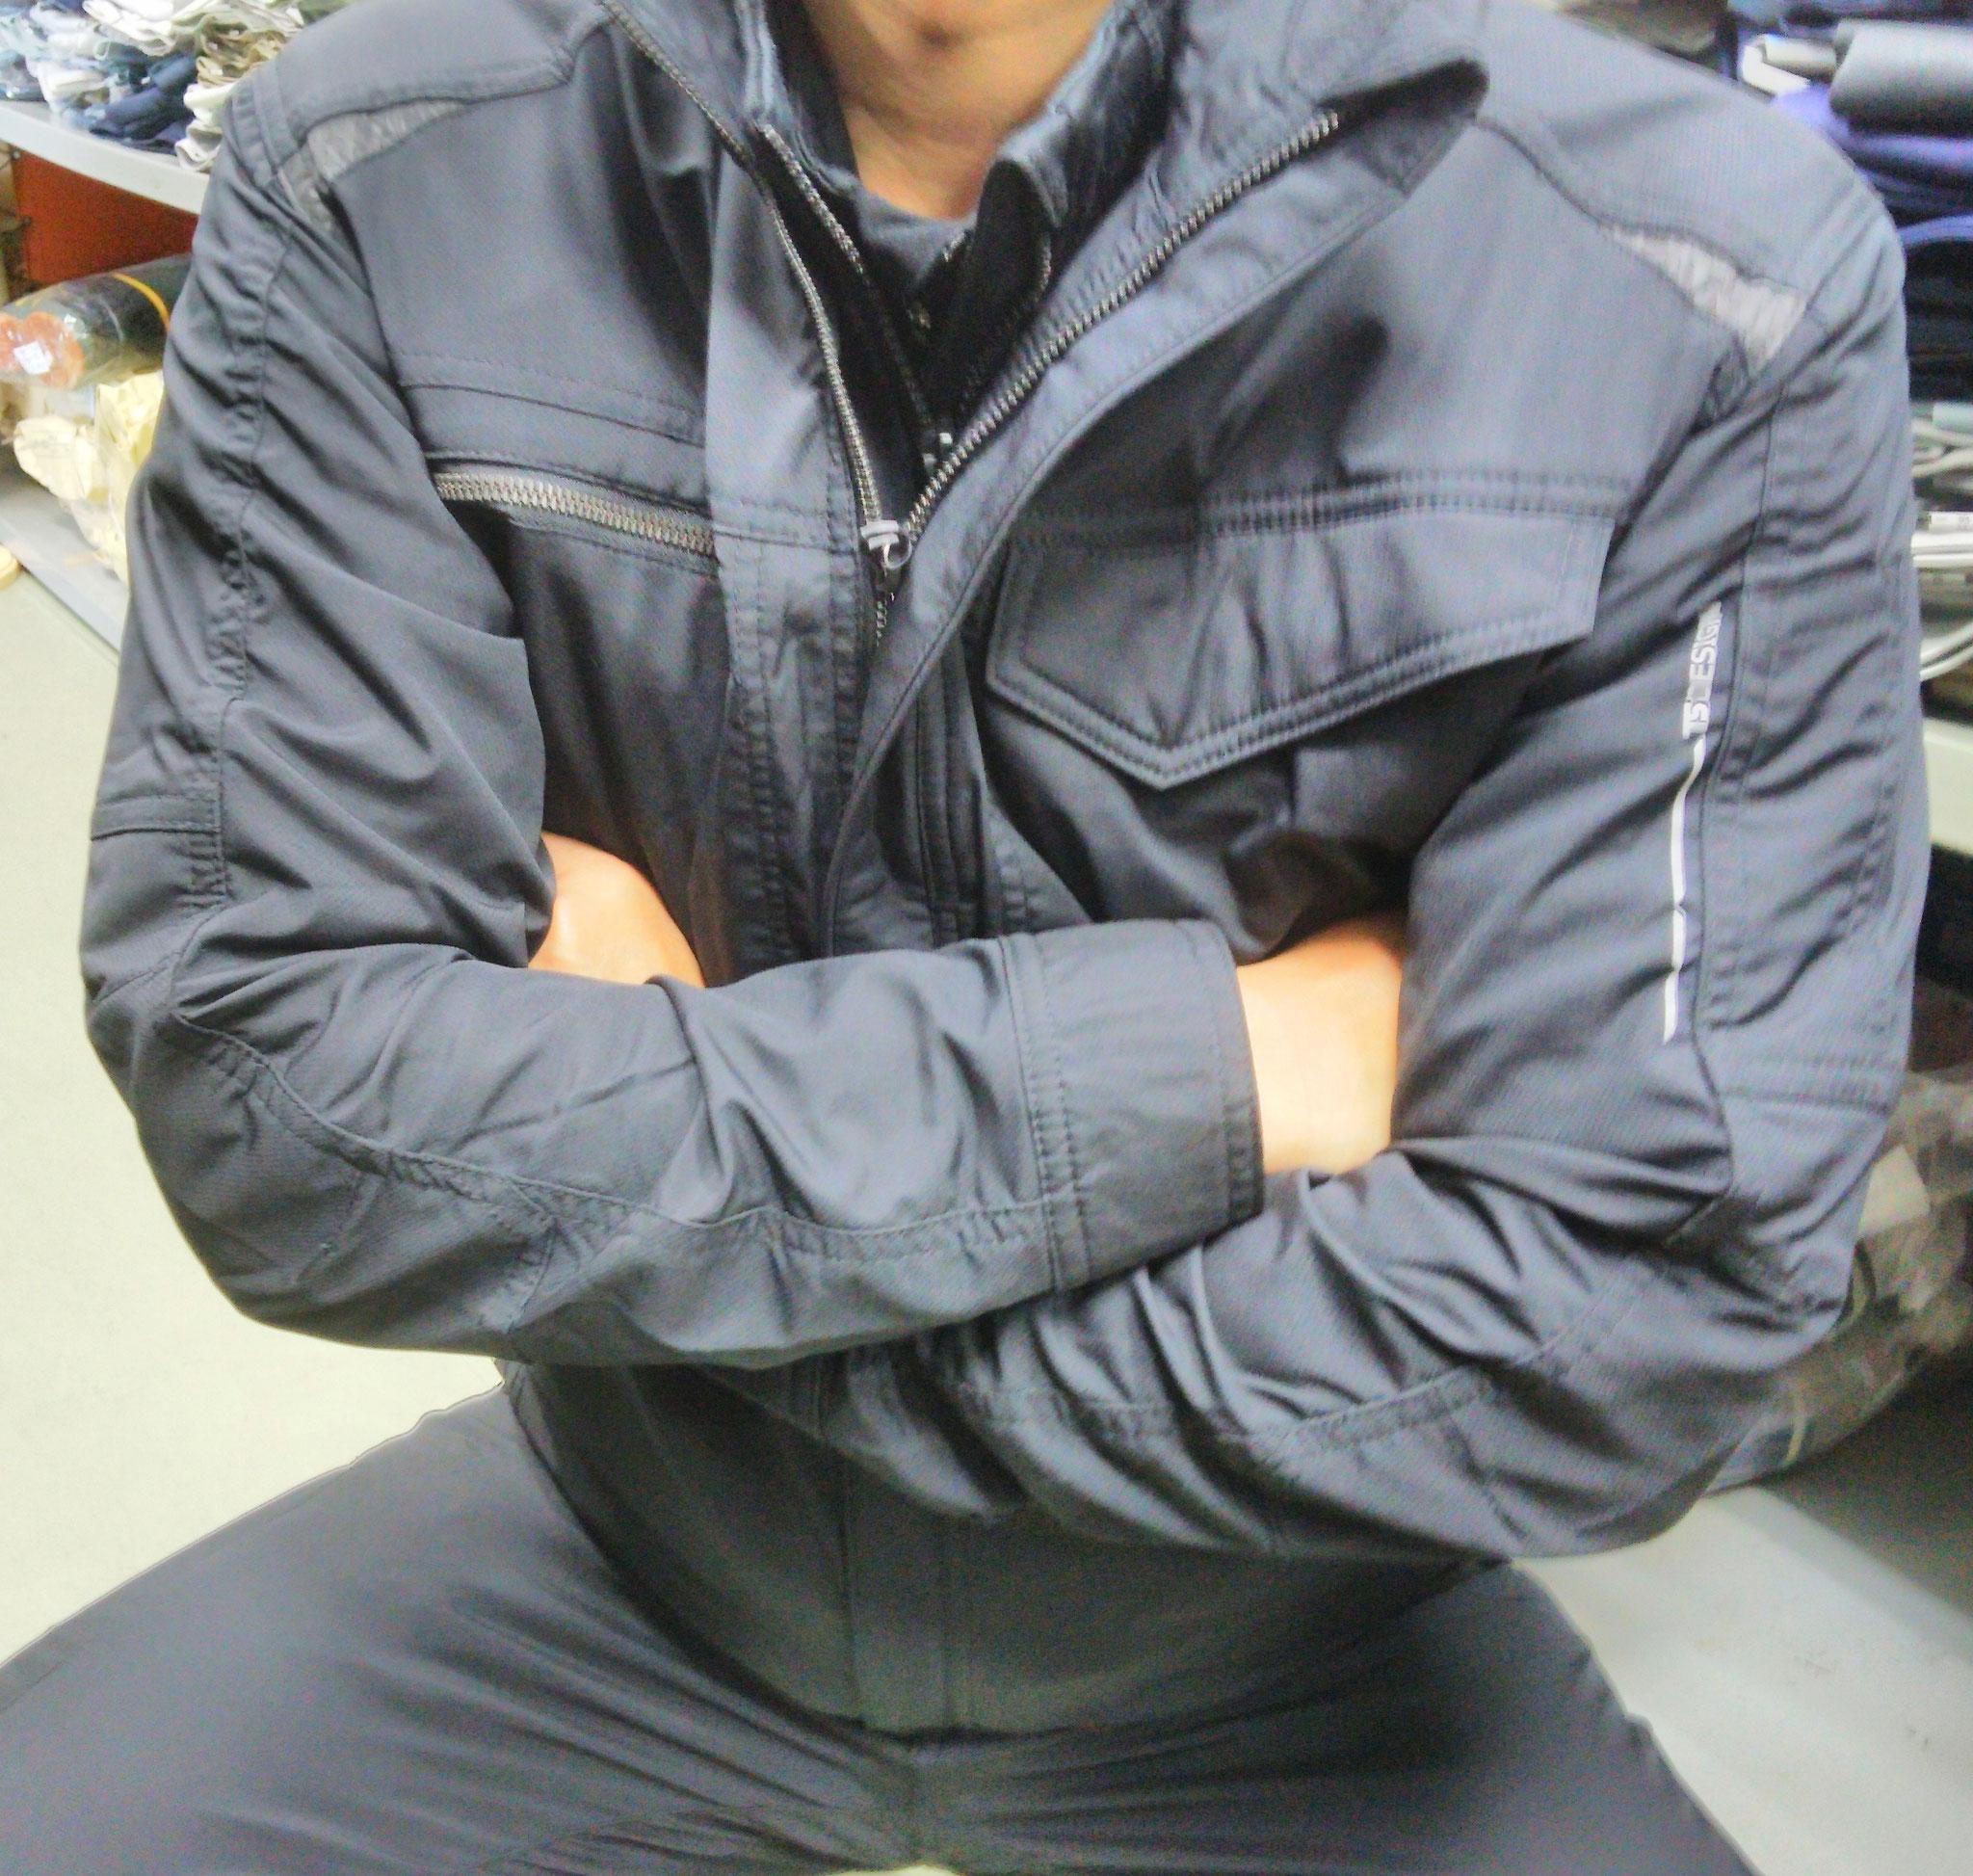 TS DESIGN 84636 ジャケット しっかり伸びるストレッチで楽々です。